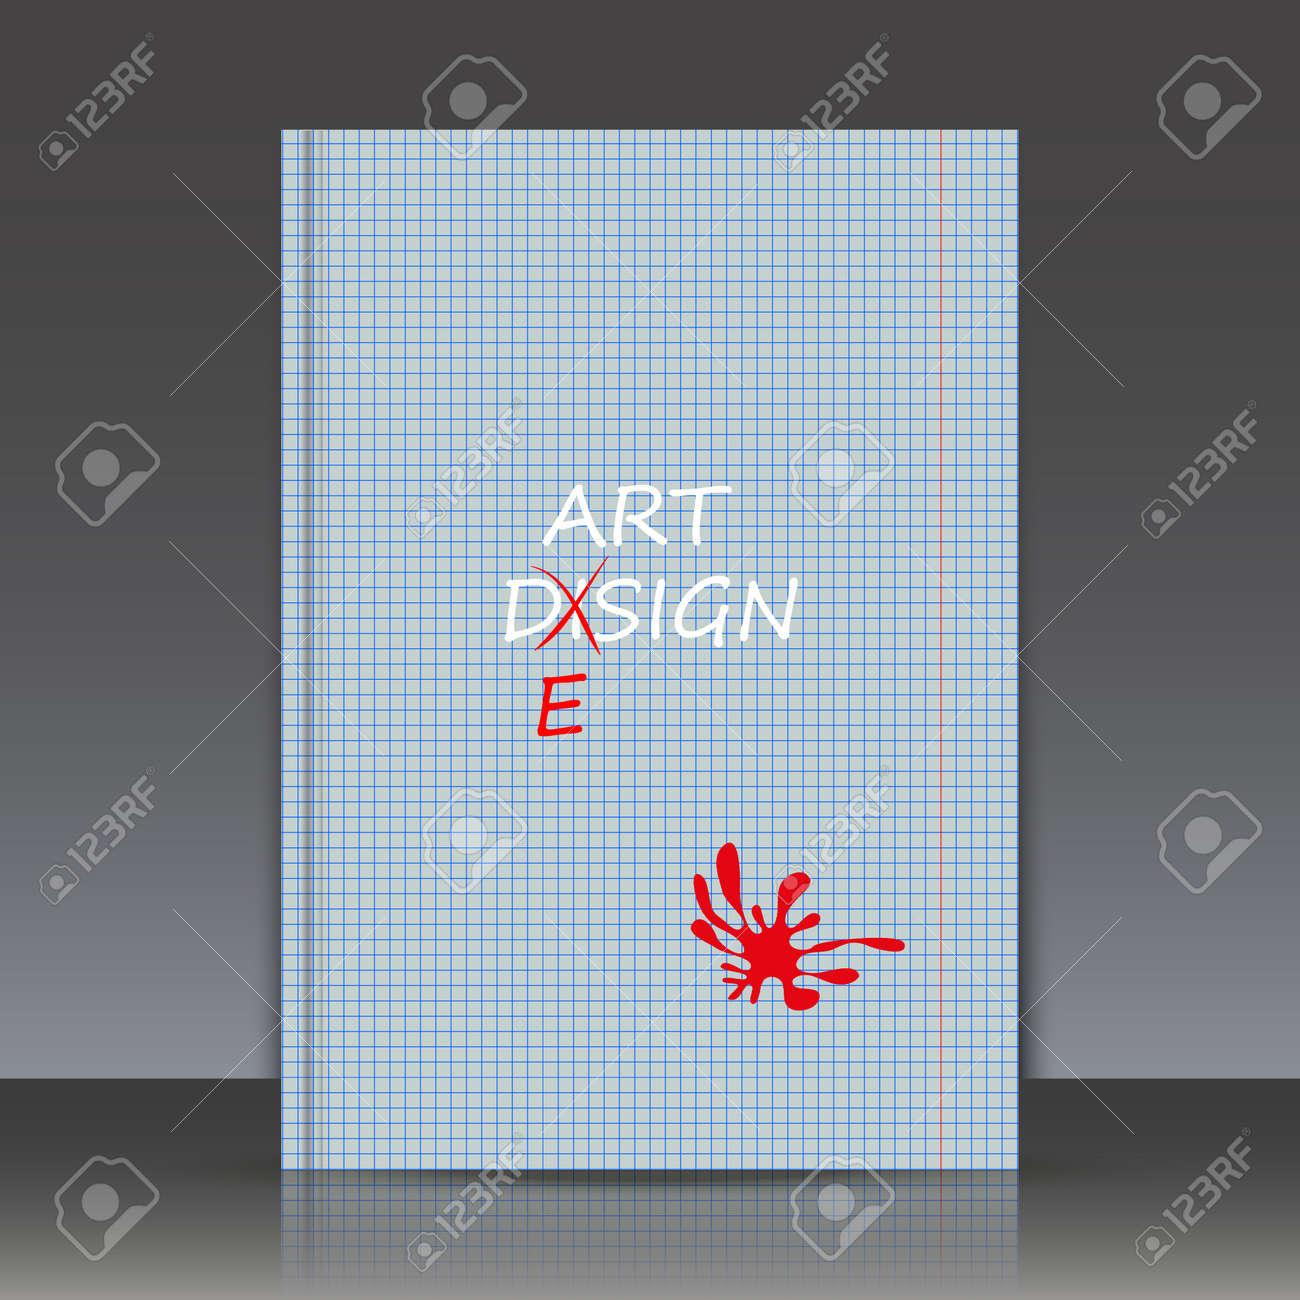 Derreur Dorthographe Inkblot Rouge Toile De Fond Lorphographie Feuille Titre Brochure A4 Surface Texture Carte Visite